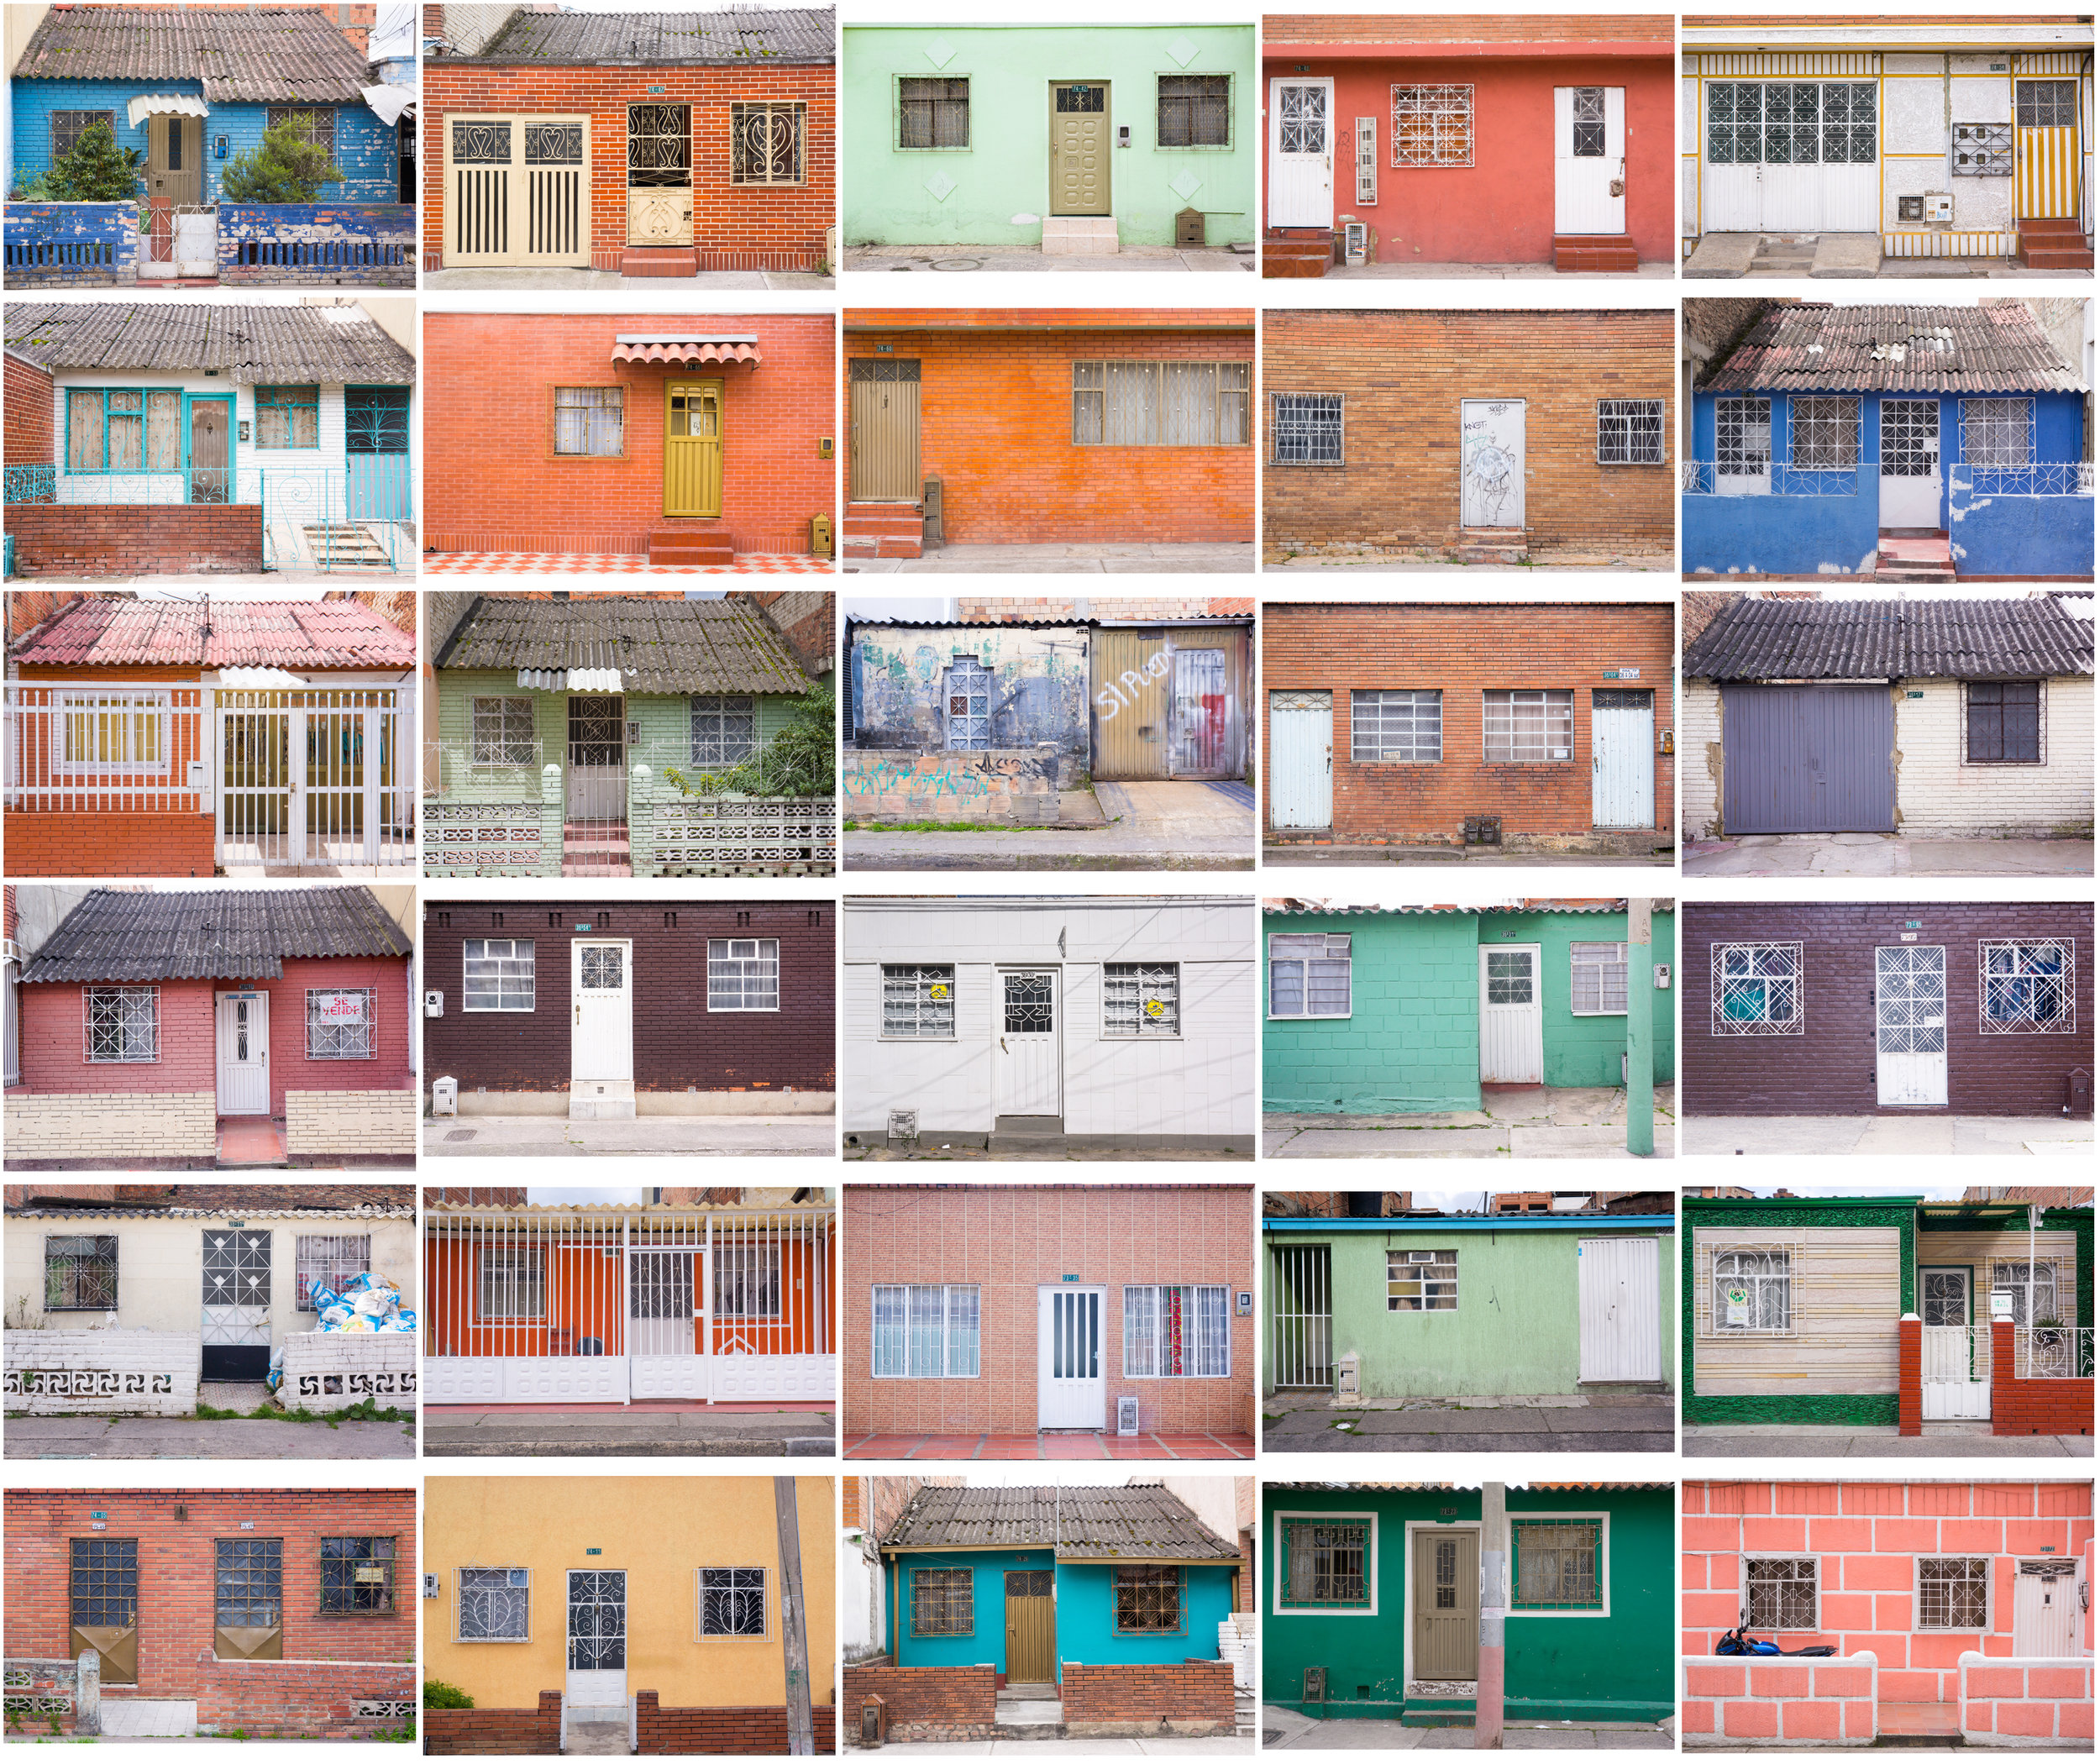 Una ciudad dentro de otra: siguiendo el límite de la localidad de Kennedy     - Sergio Enciso